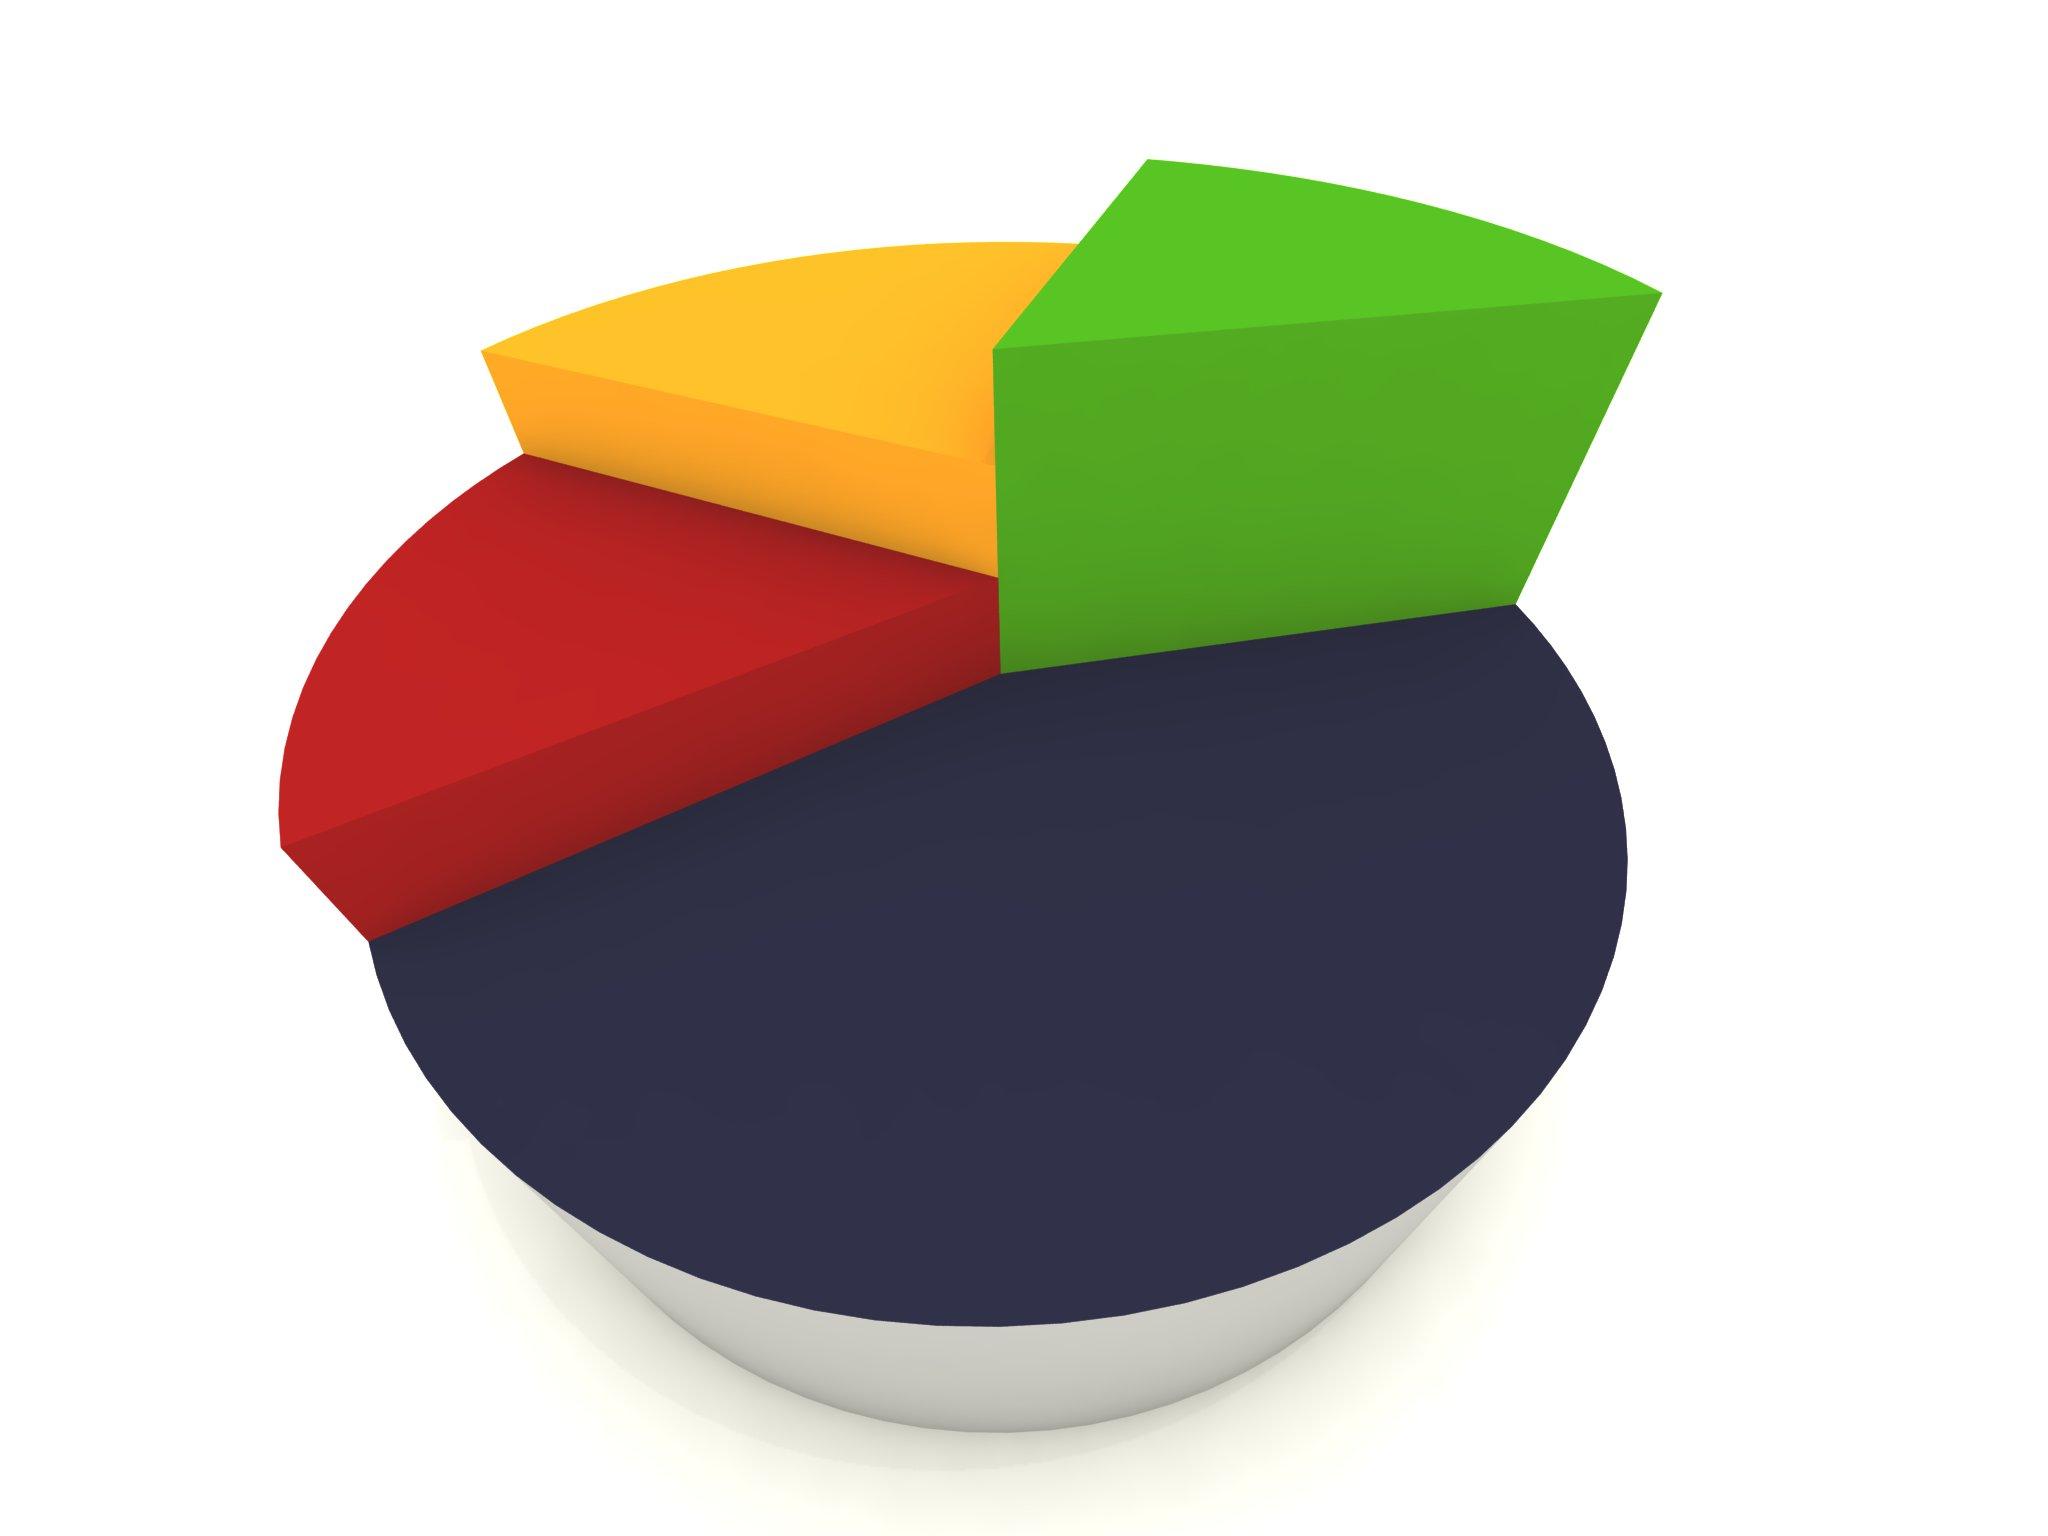 Rami Danni, raccolta premi in crescita dell'1,7% dopo il primo trimestre 2017